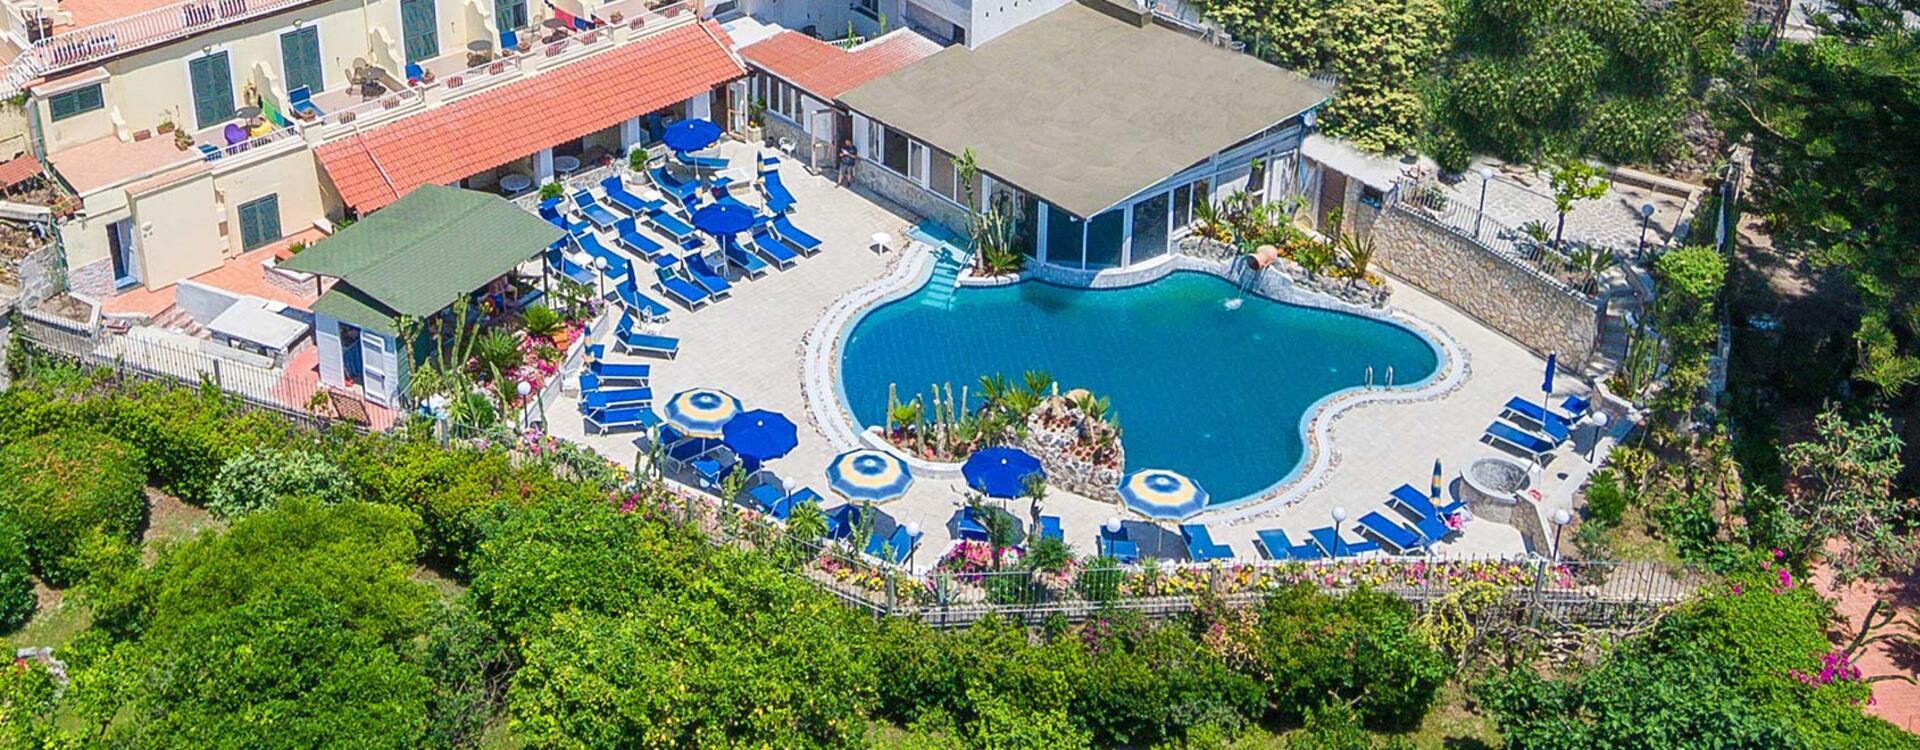 hotelsaintraphaelischia it last-minute-settembre-a-ischia 009